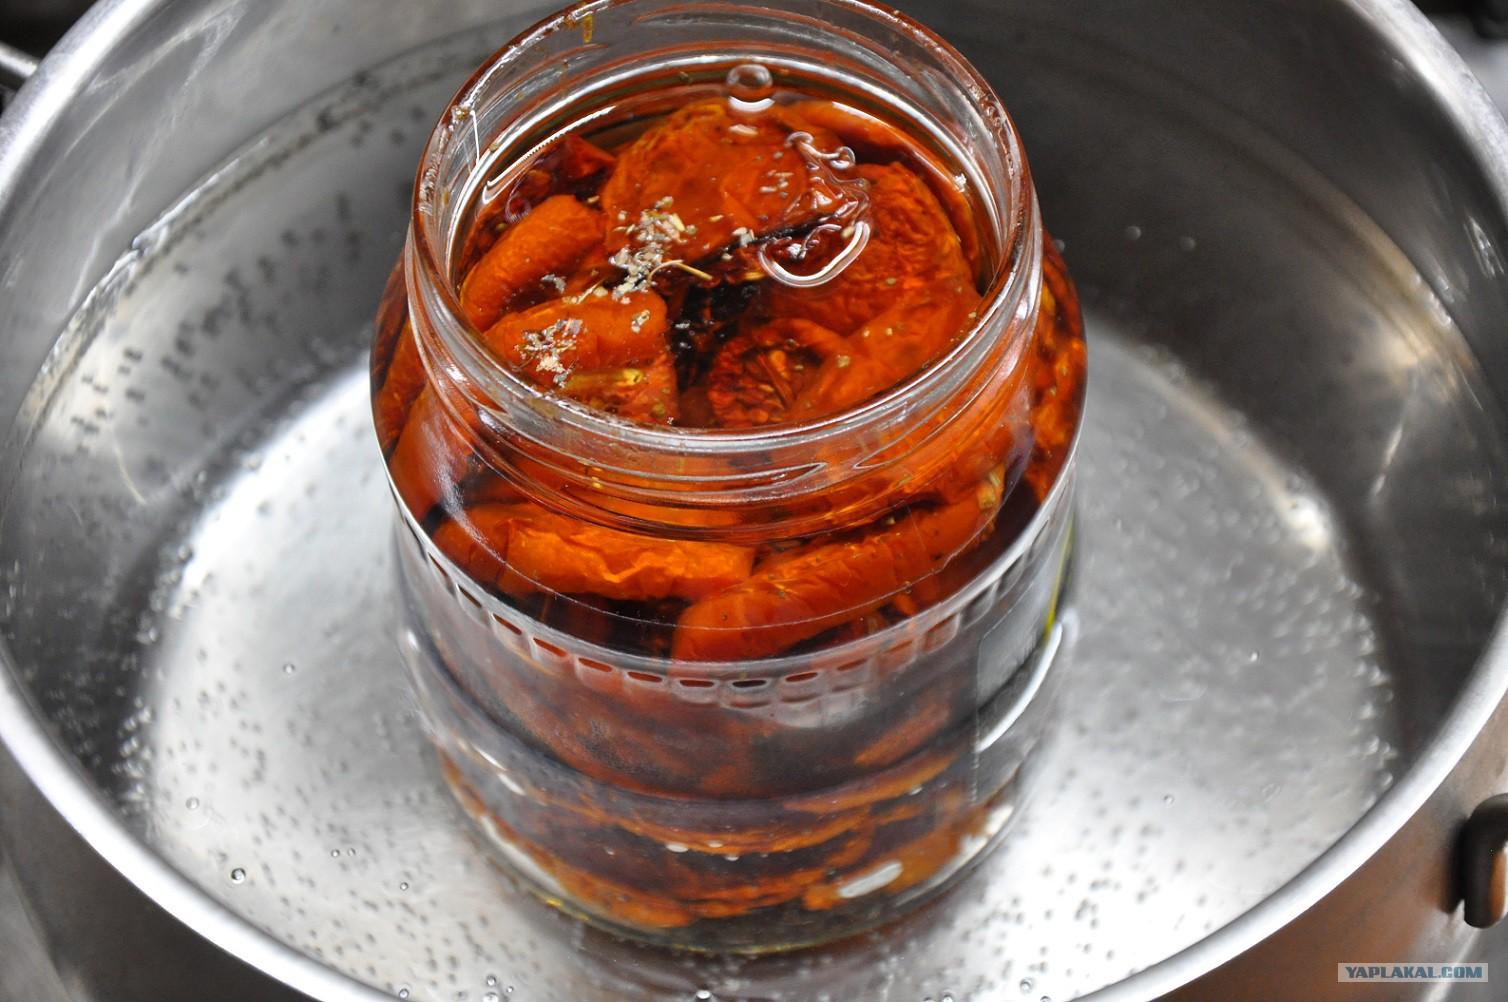 Вяленые помидоры в духовке на зиму в домашних условиях и 15 похожих рецептов: фото, калорийность, отзывы - 1000.menu